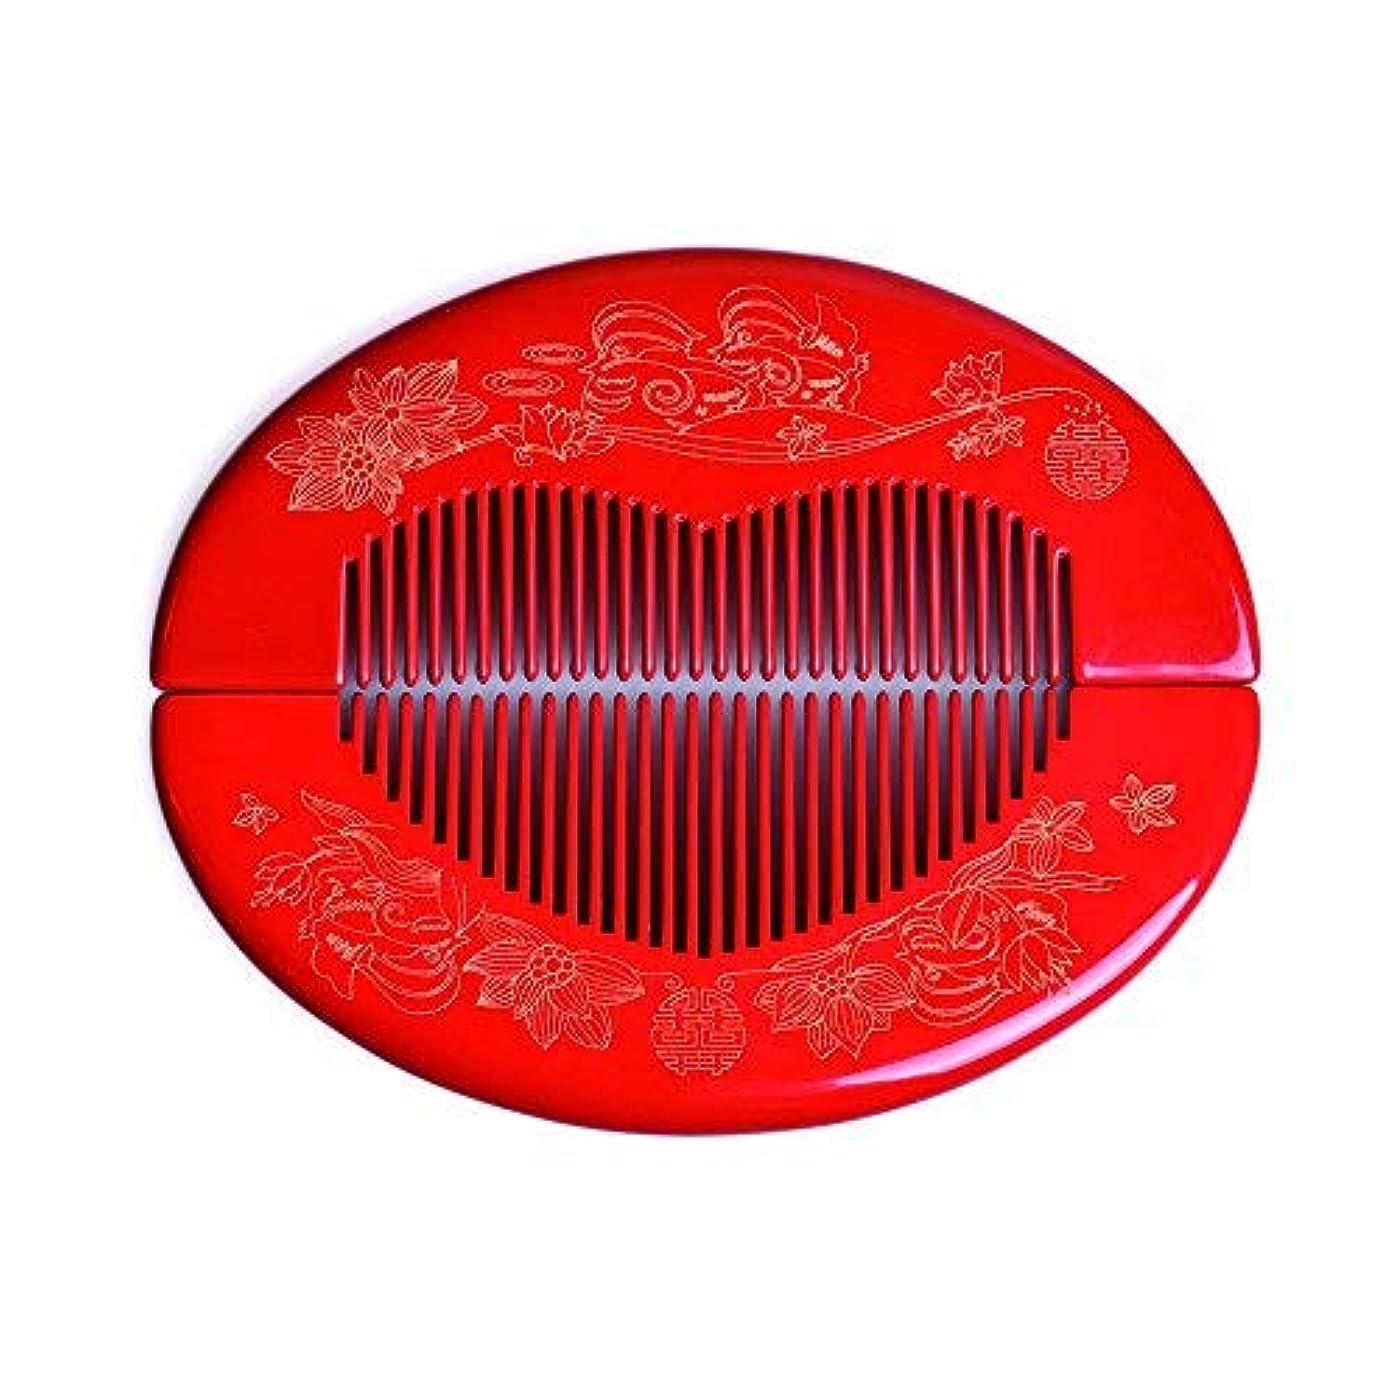 冷蔵庫吸収剤化学薬品TAN MUJIANG Hair Comb Decoration,Wedding Hair Comb, Wood Hair Combs For Women, Wood Combs For Curly Hair, Natural...